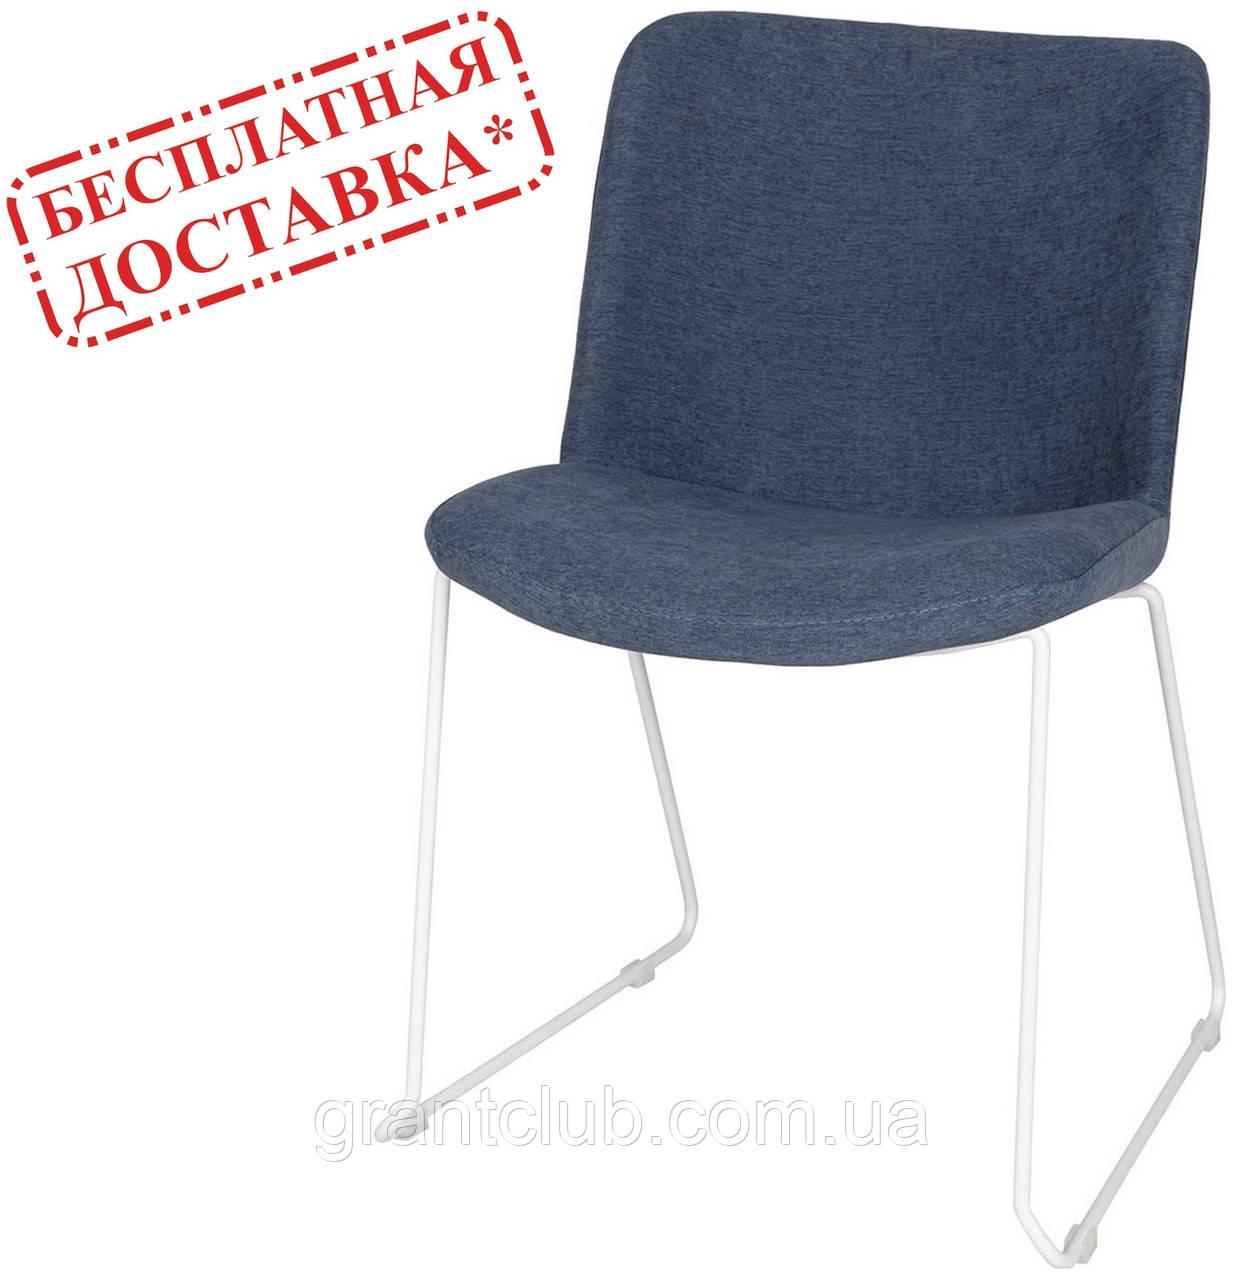 Стул CORSICA (Корсика) текстиль синий джинс Nicolas (бесплатная доставка)